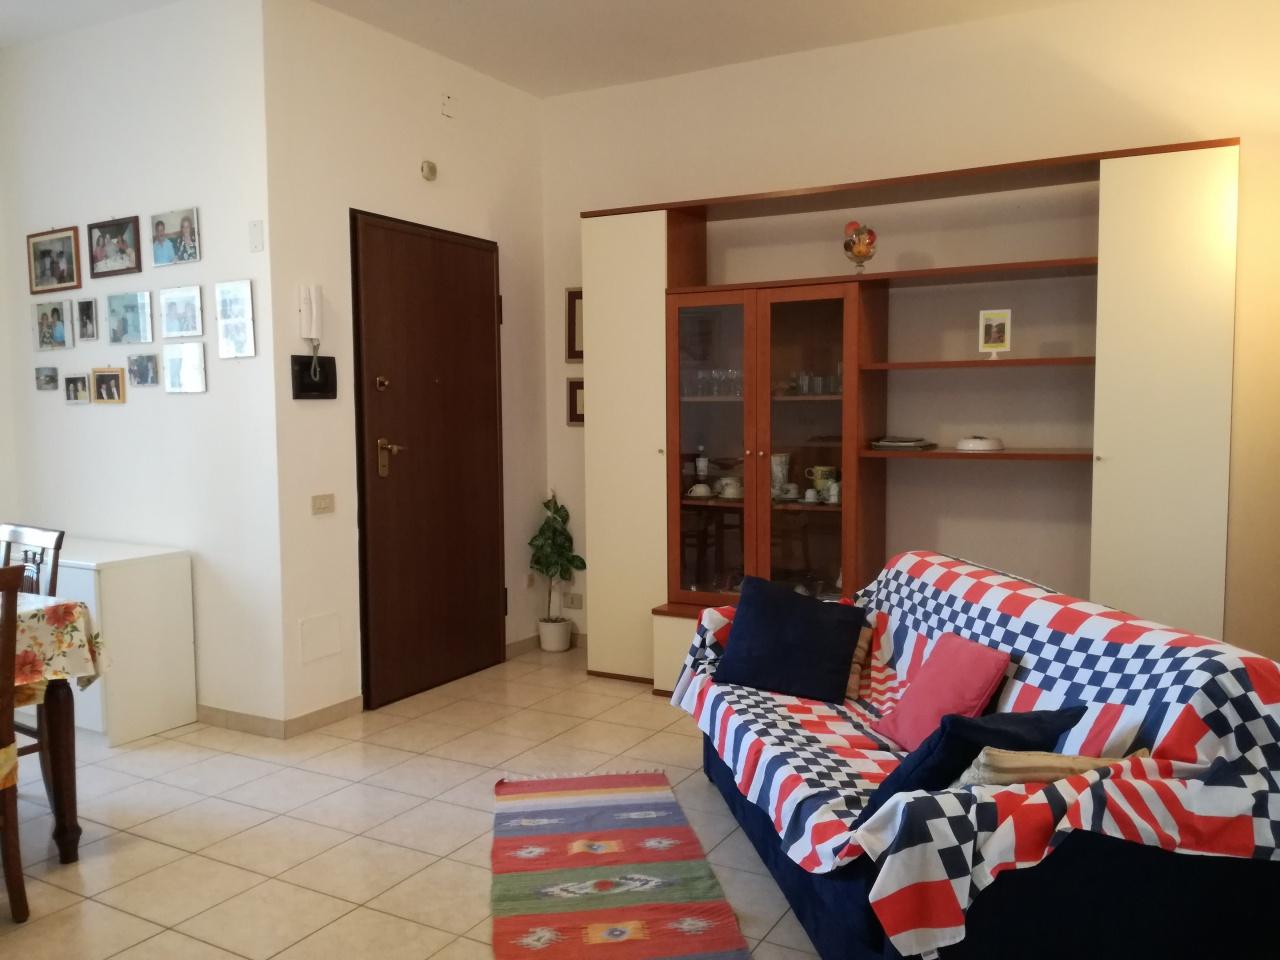 Appartamento in vendita a Follonica, 3 locali, prezzo € 220.000 | CambioCasa.it